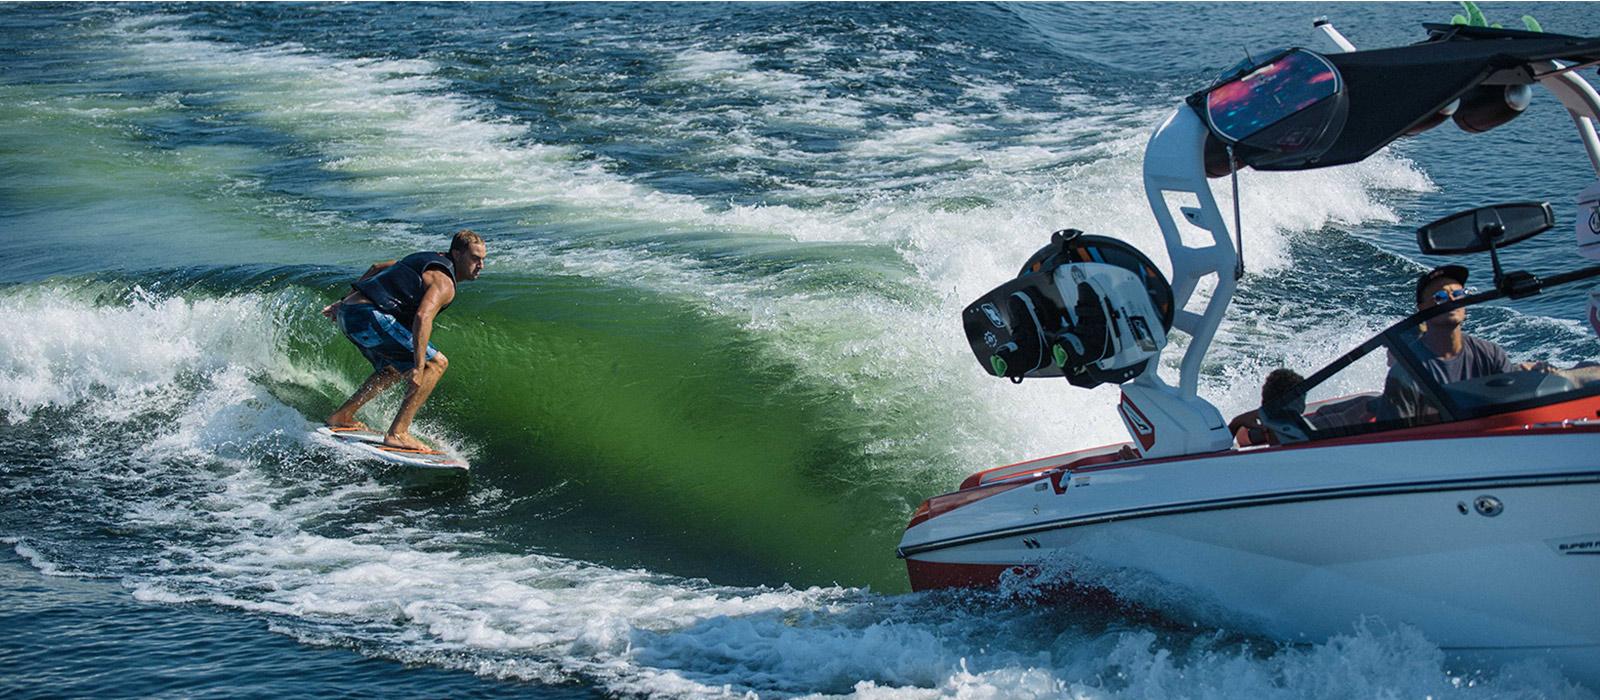 wakeboarding behind tender